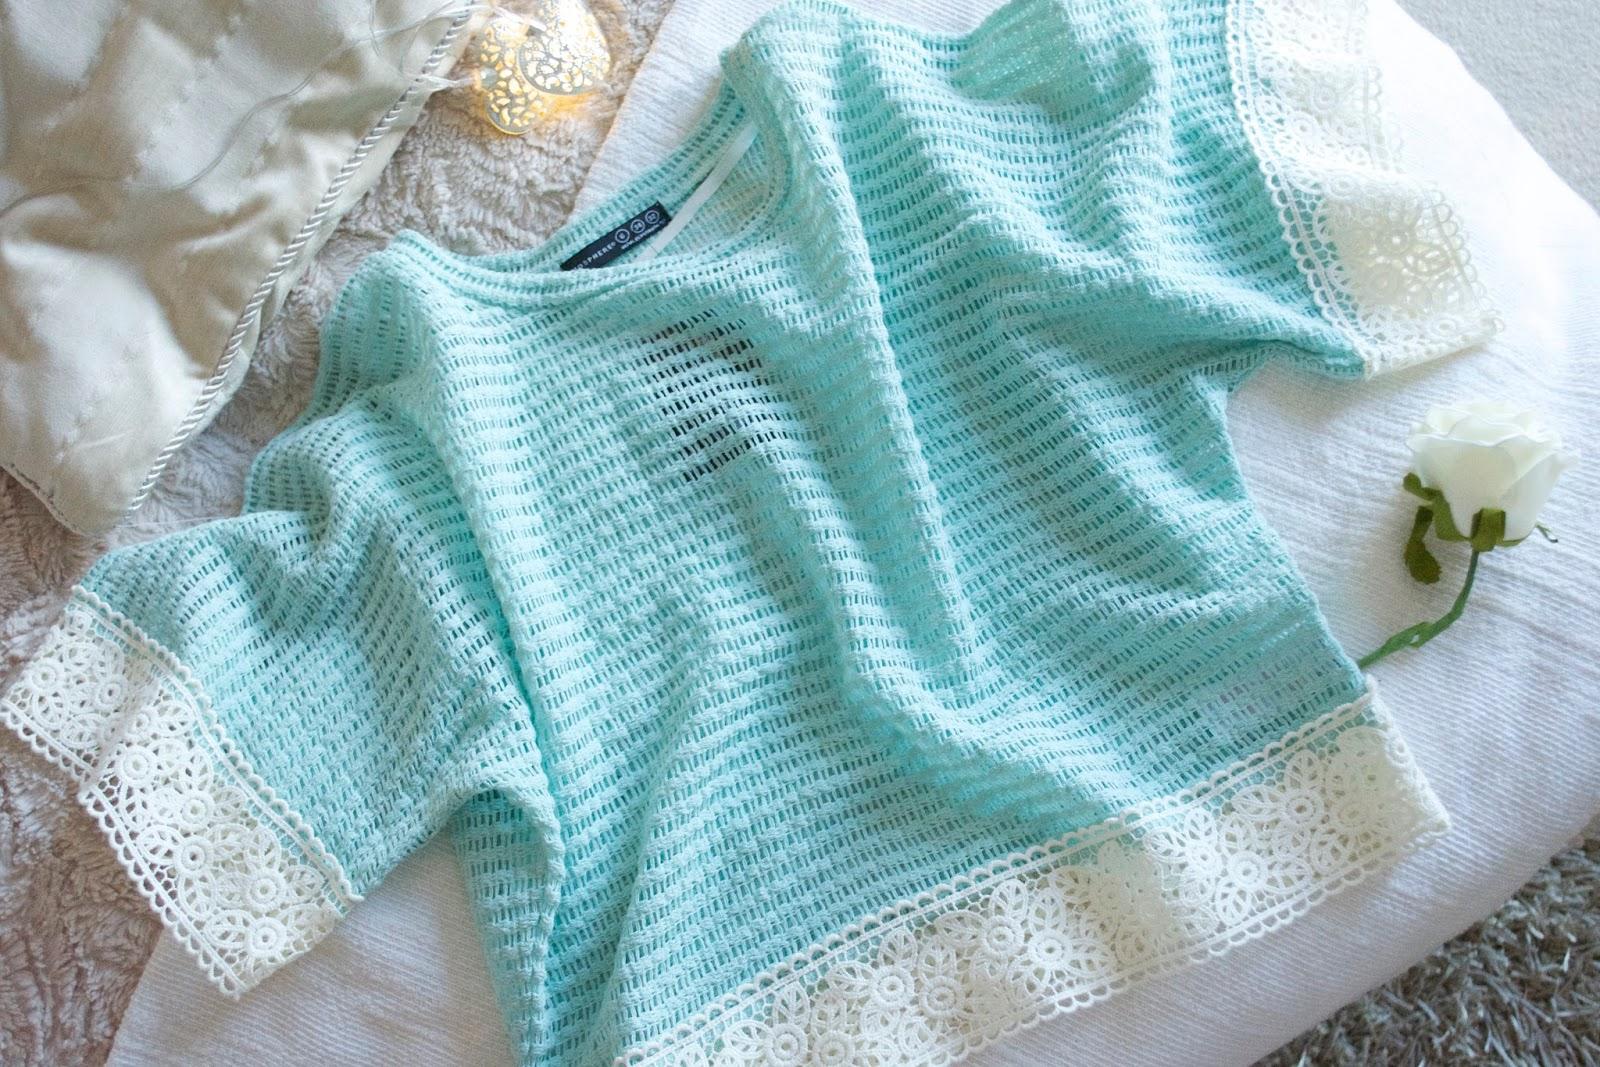 Primark Haul, Primark Crochet Top, Crop Top, Primark, Lace Top